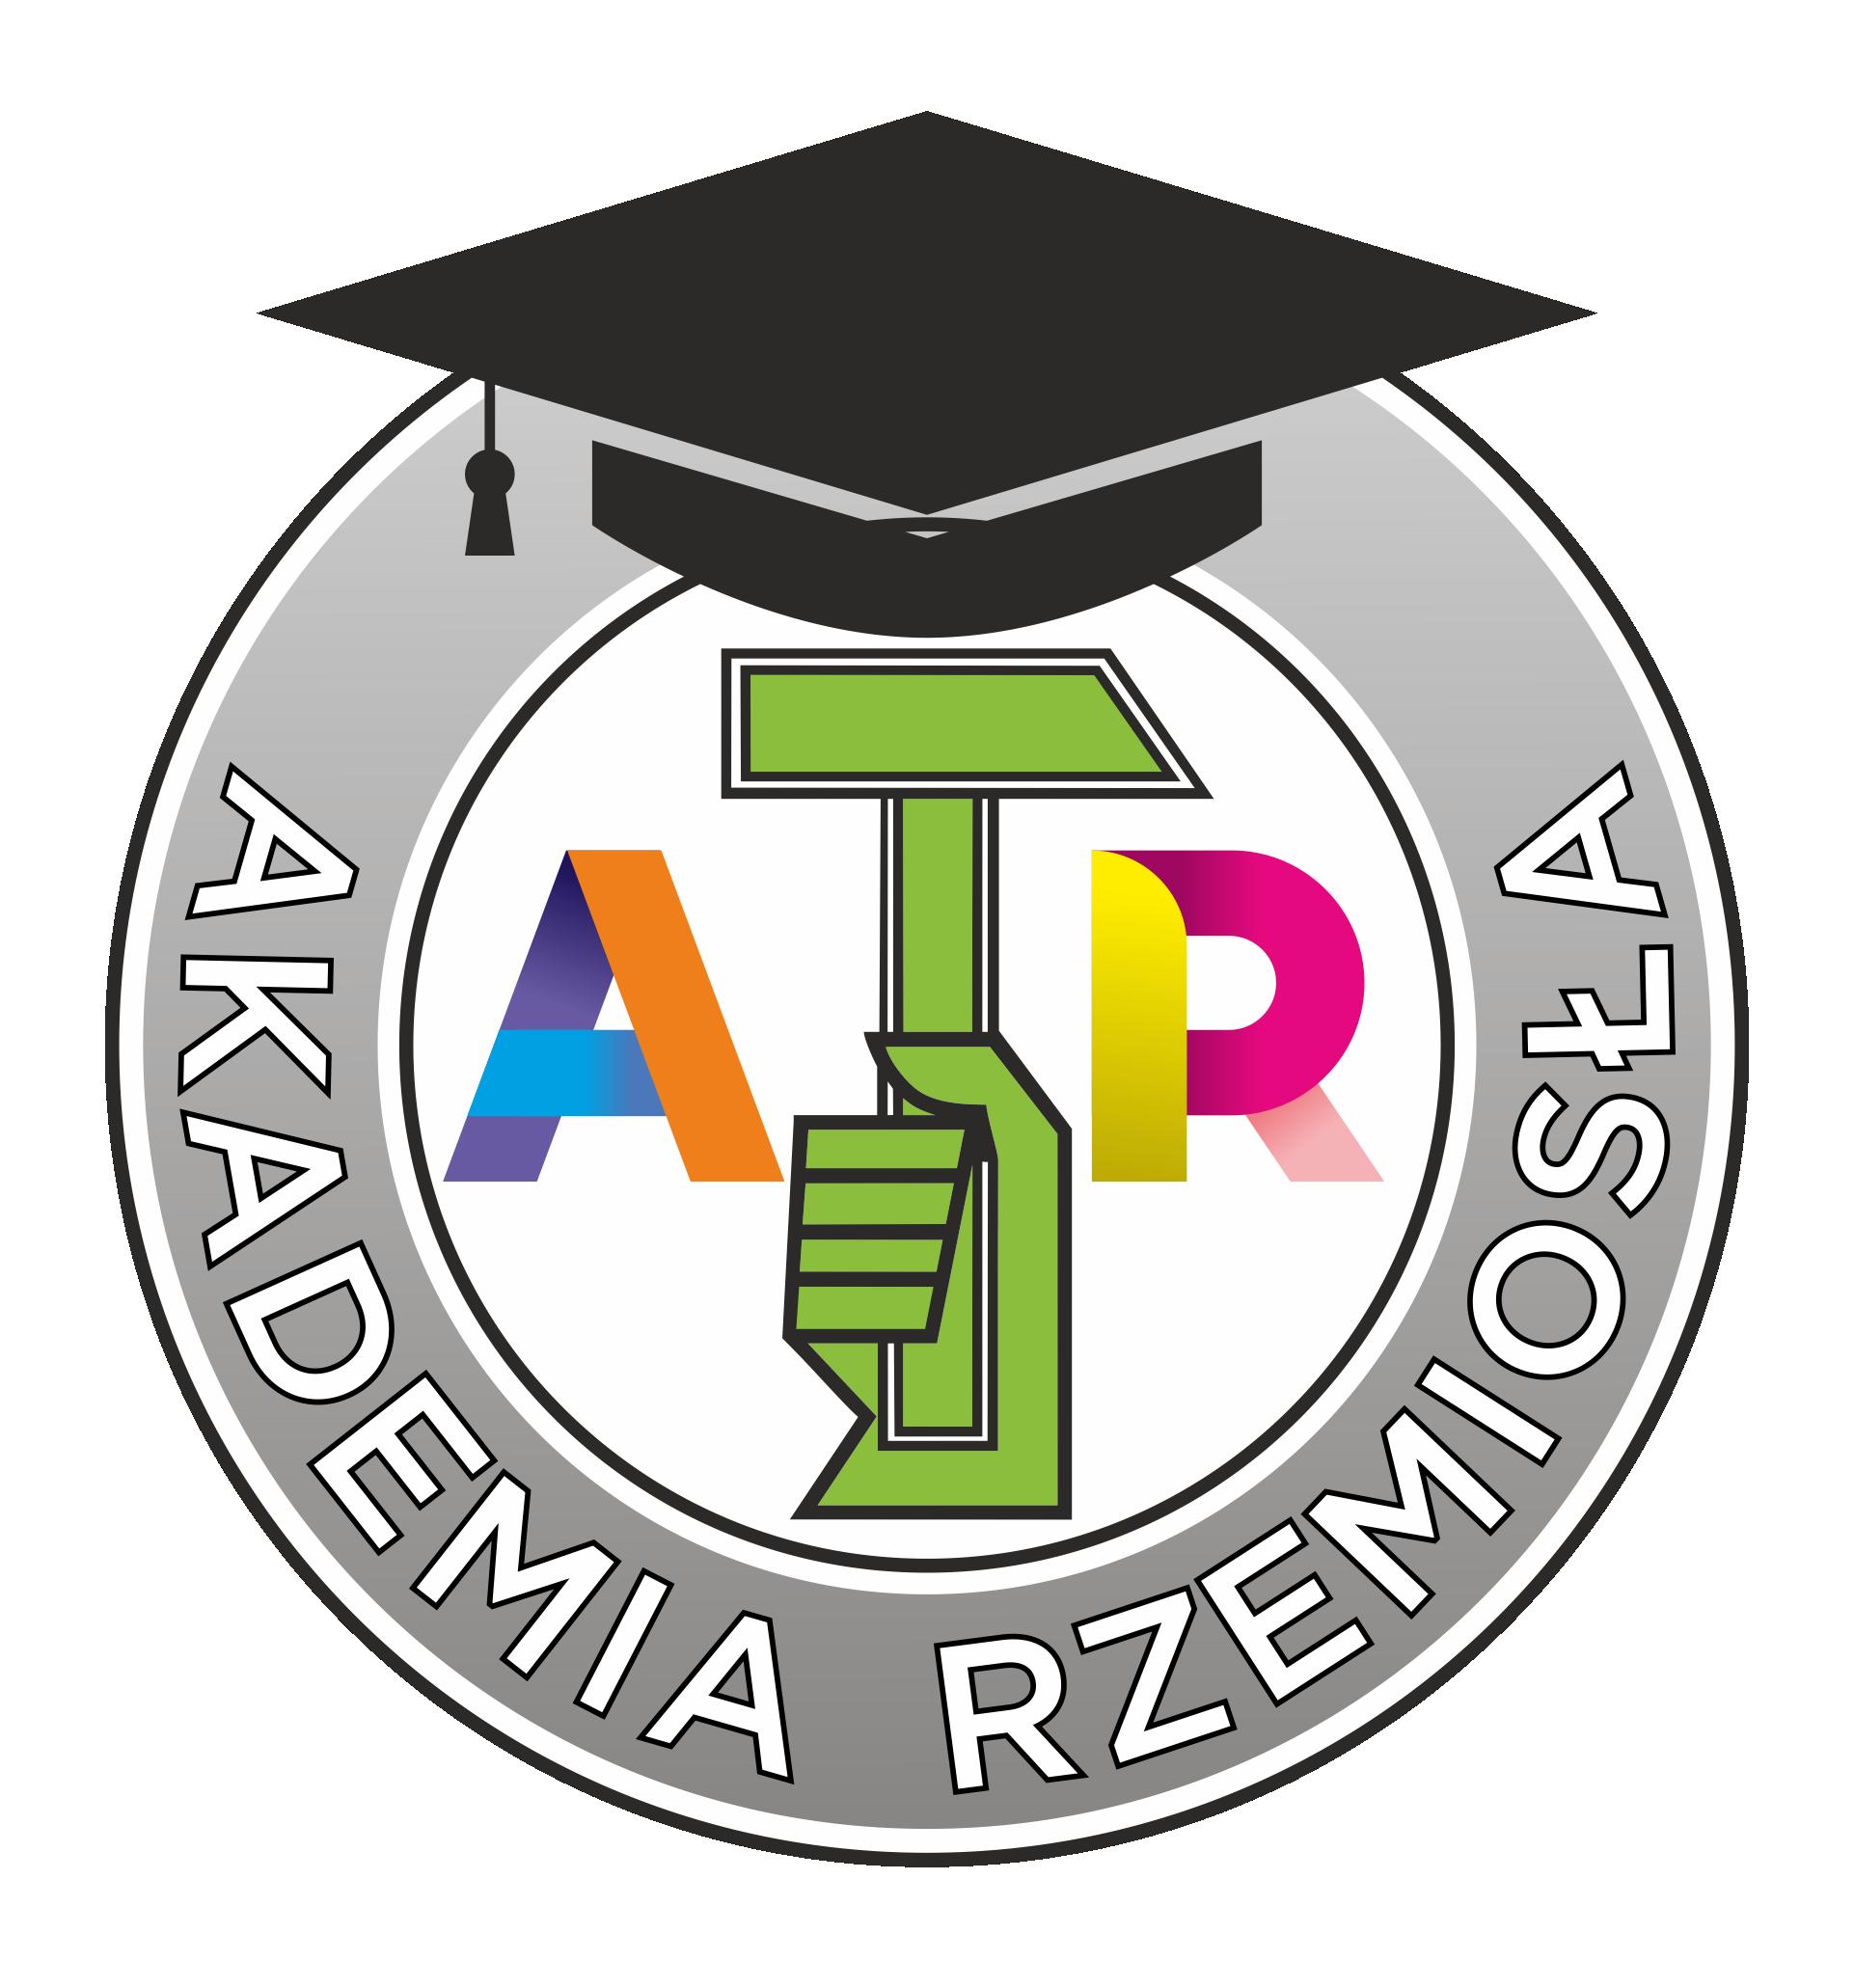 Akademia Rzemiosła - logo